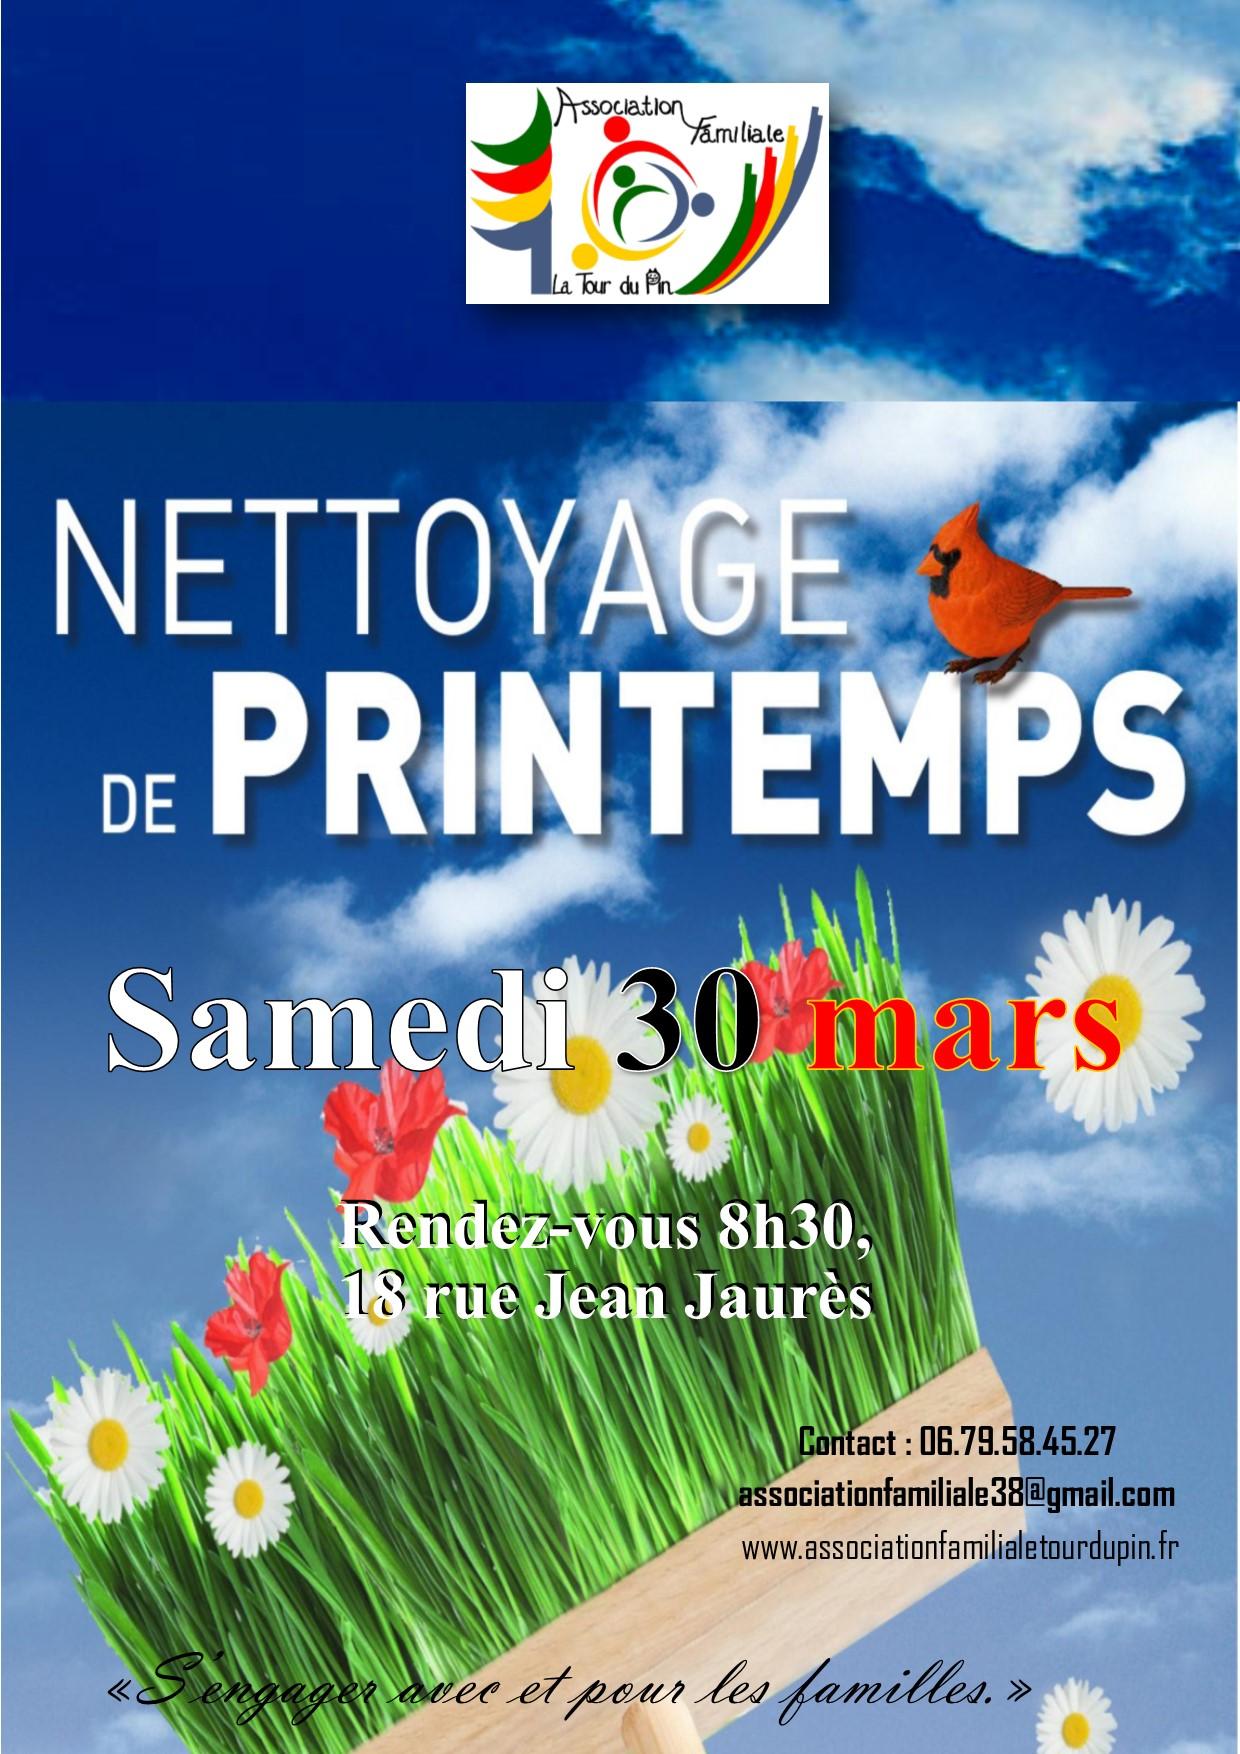 Nettoyage Nature de Printemps